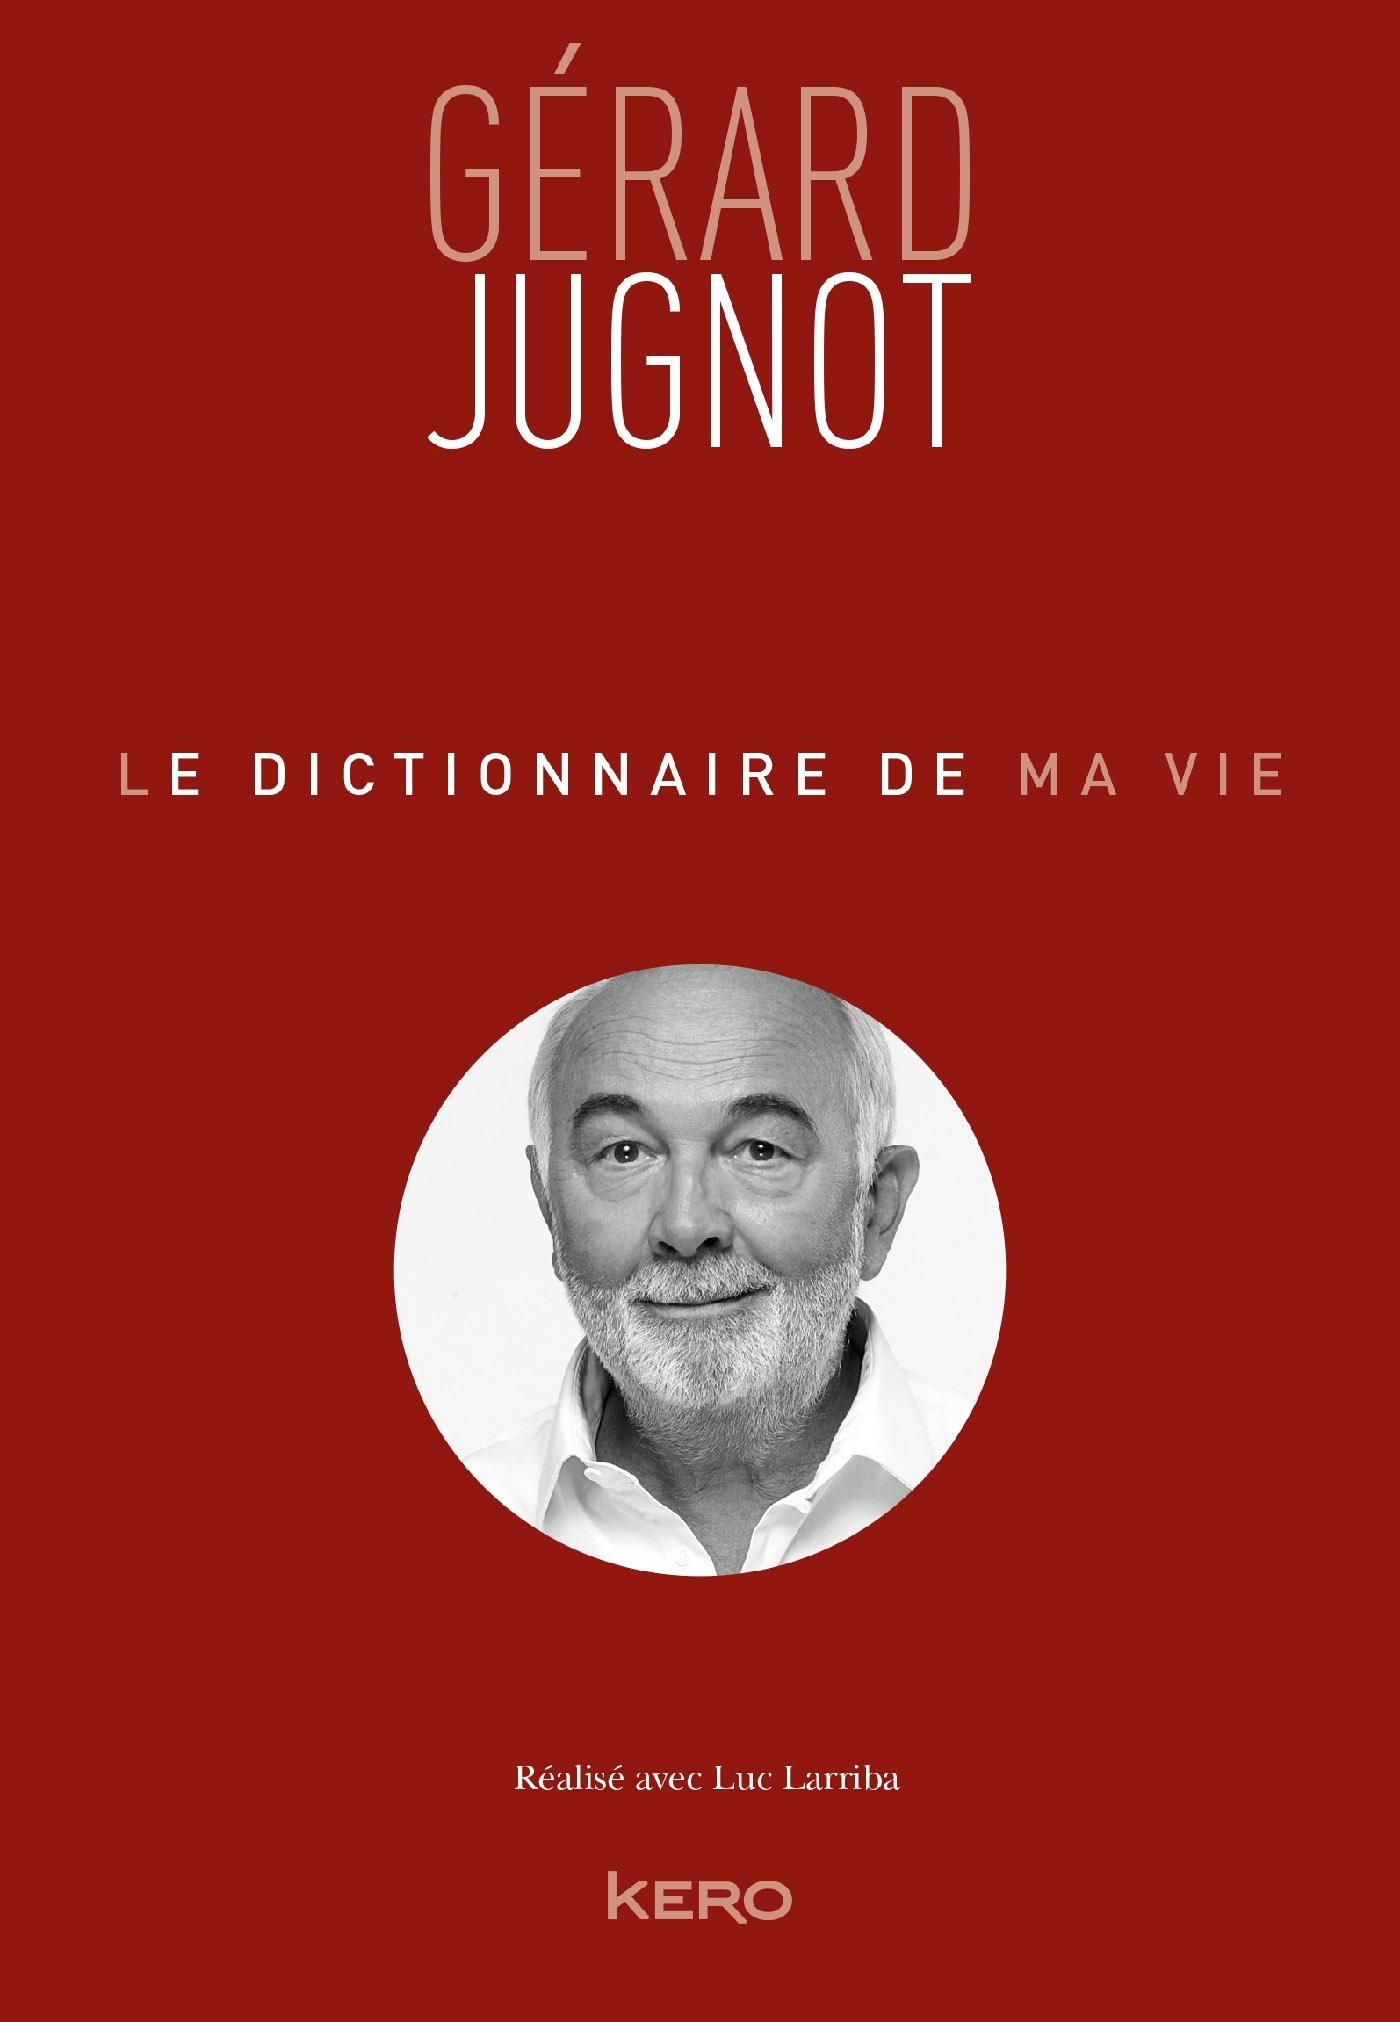 LE DICTIONNAIRE DE MA VIE - GERARD JUGNOT